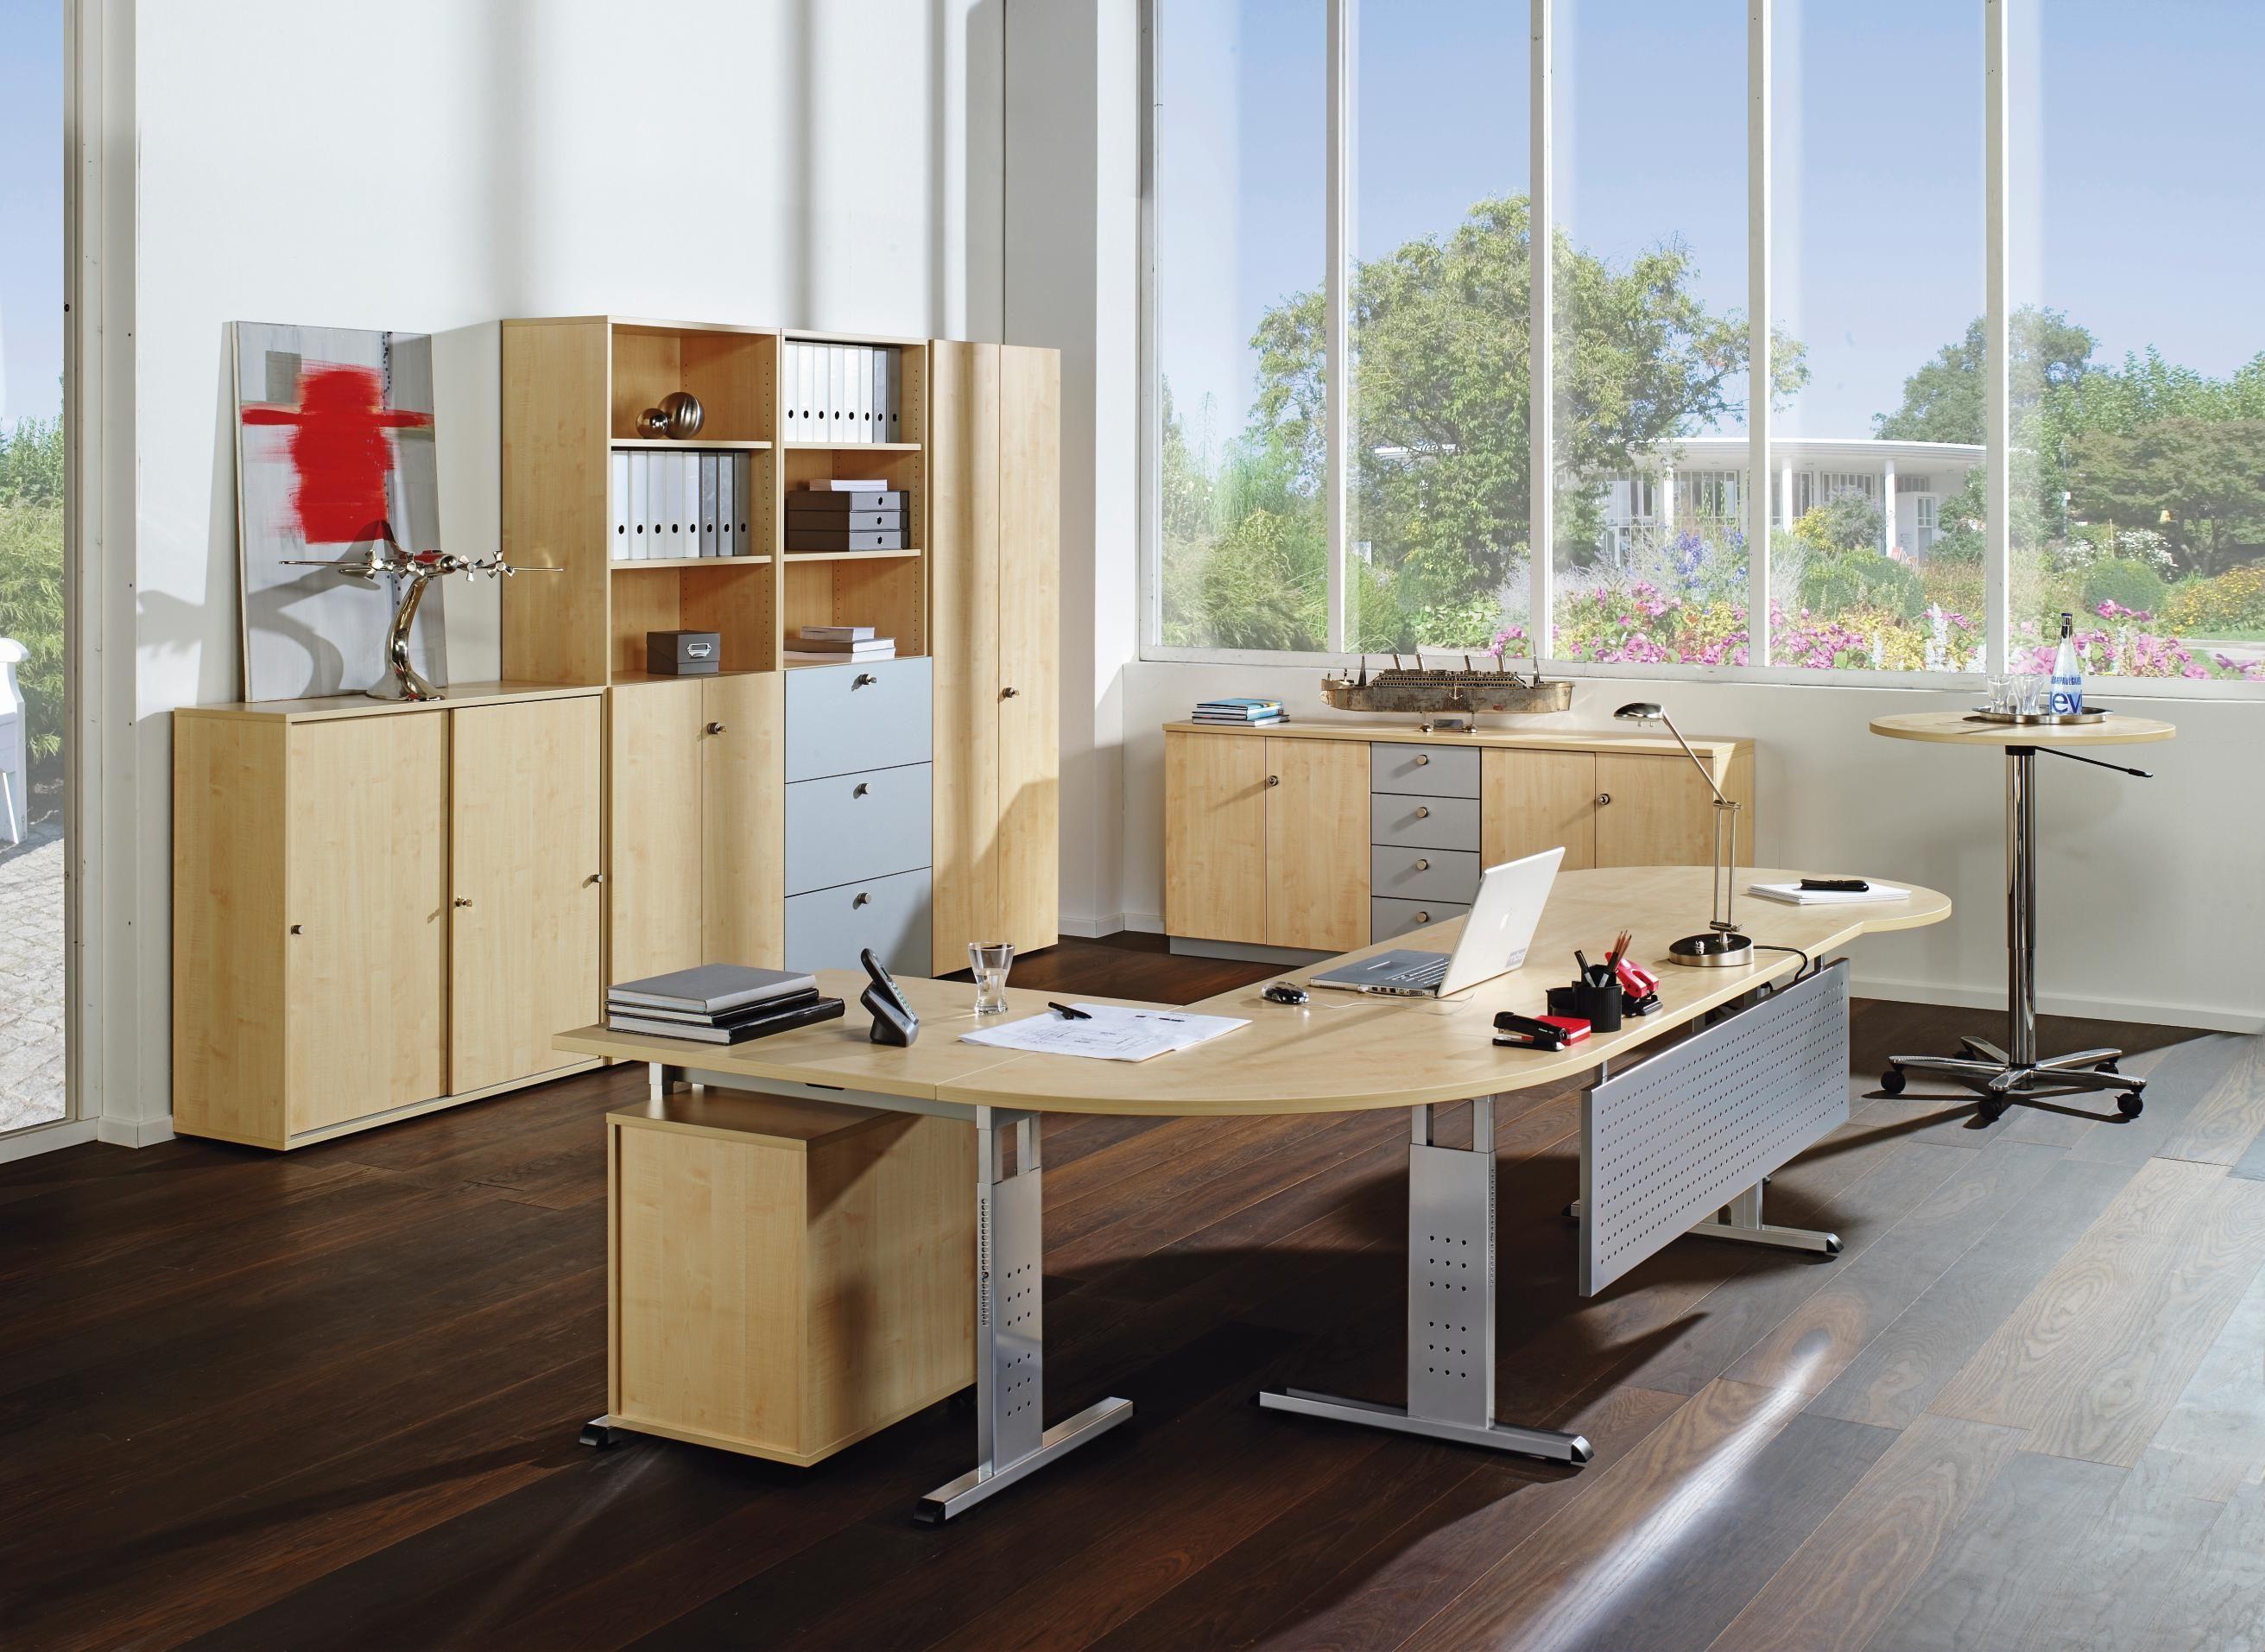 Höhenverstellbarer Schreibtisch: Zeitlos U0026 Praktisch!